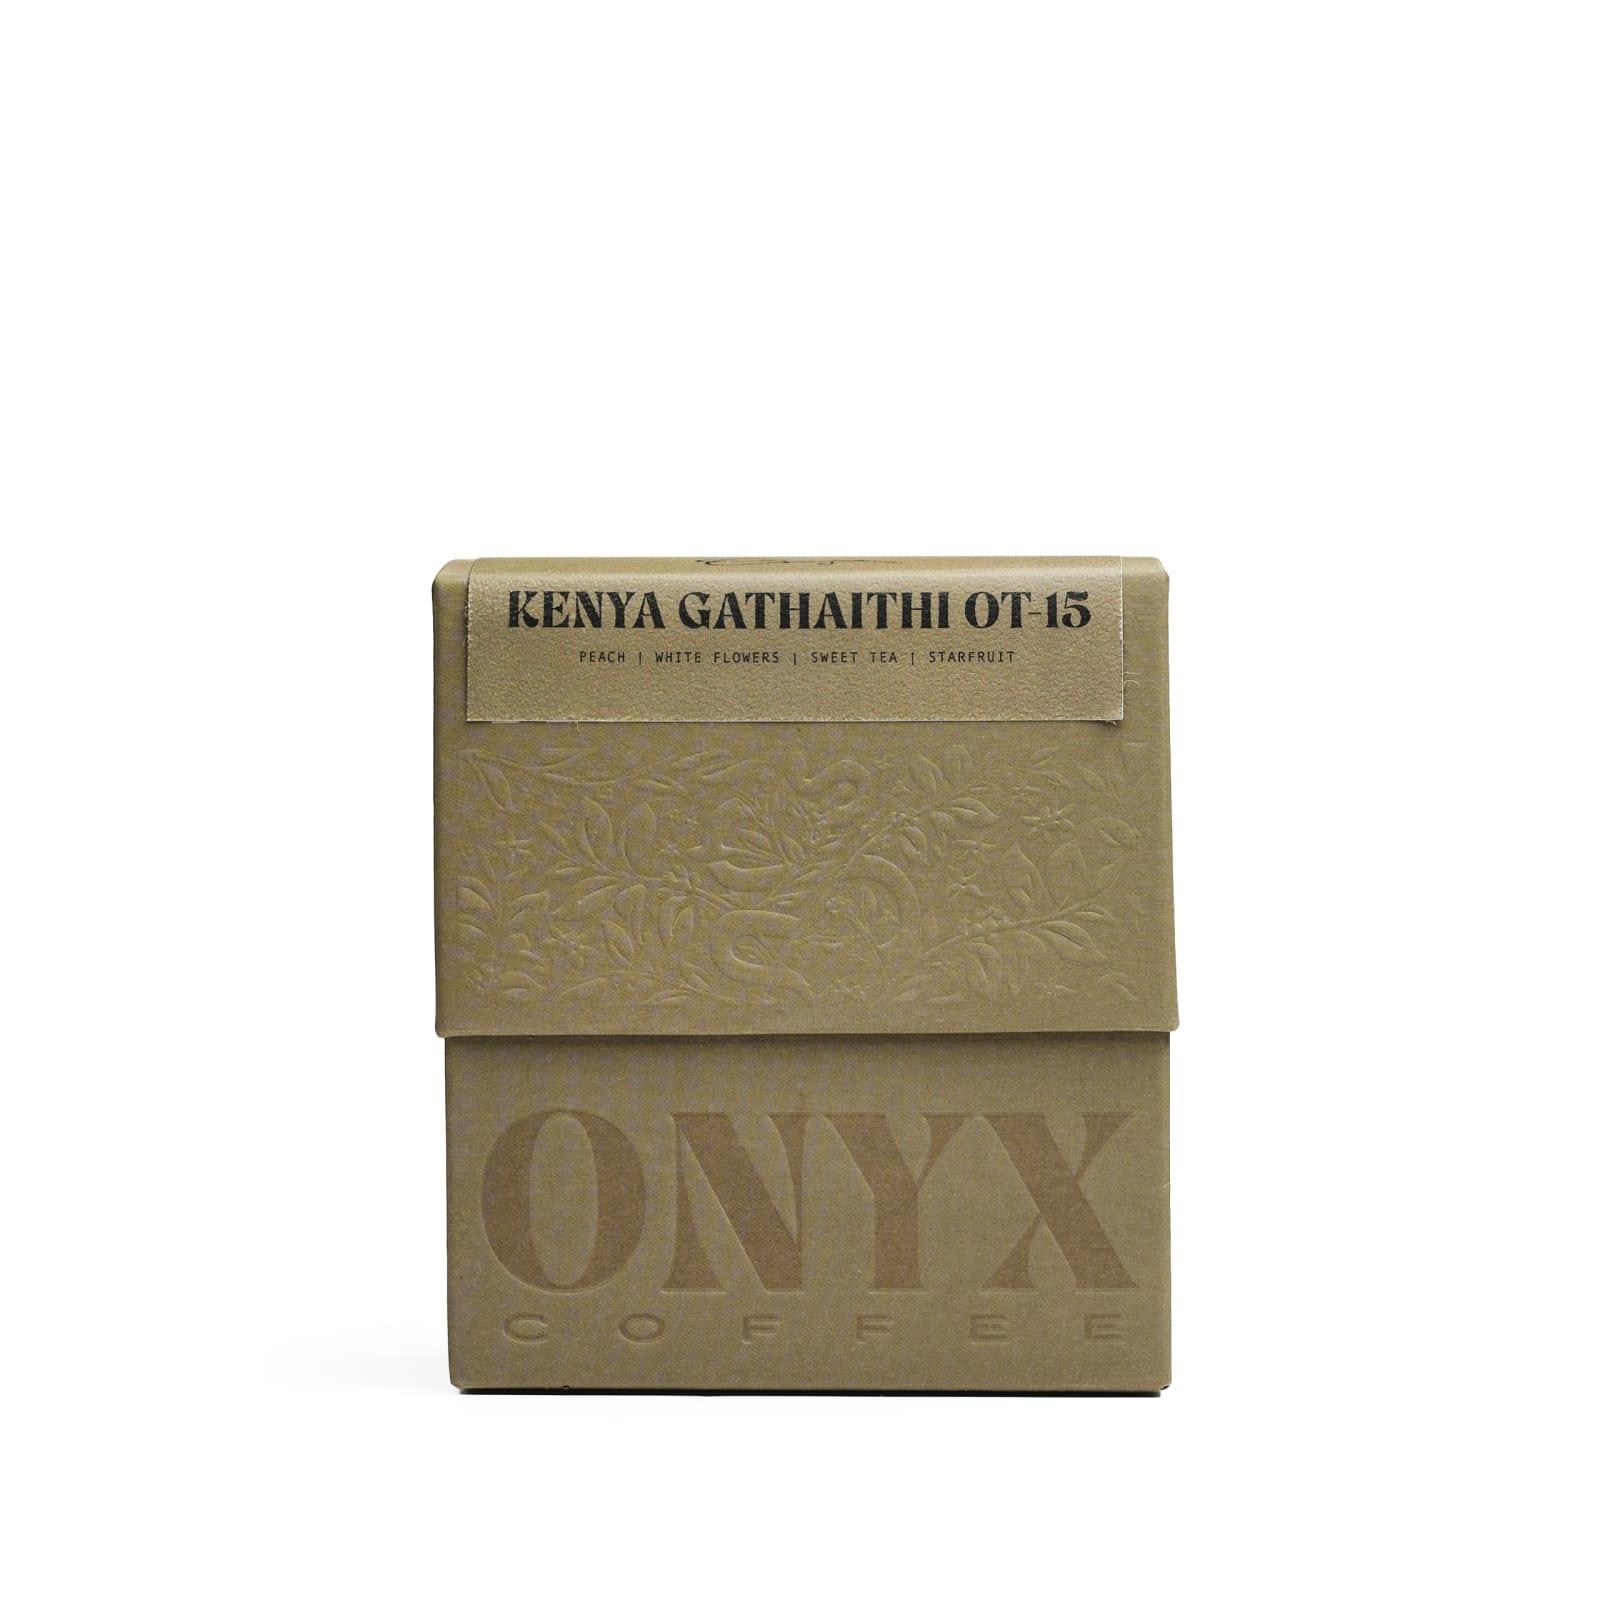 Kenya Gathaithi OT-15